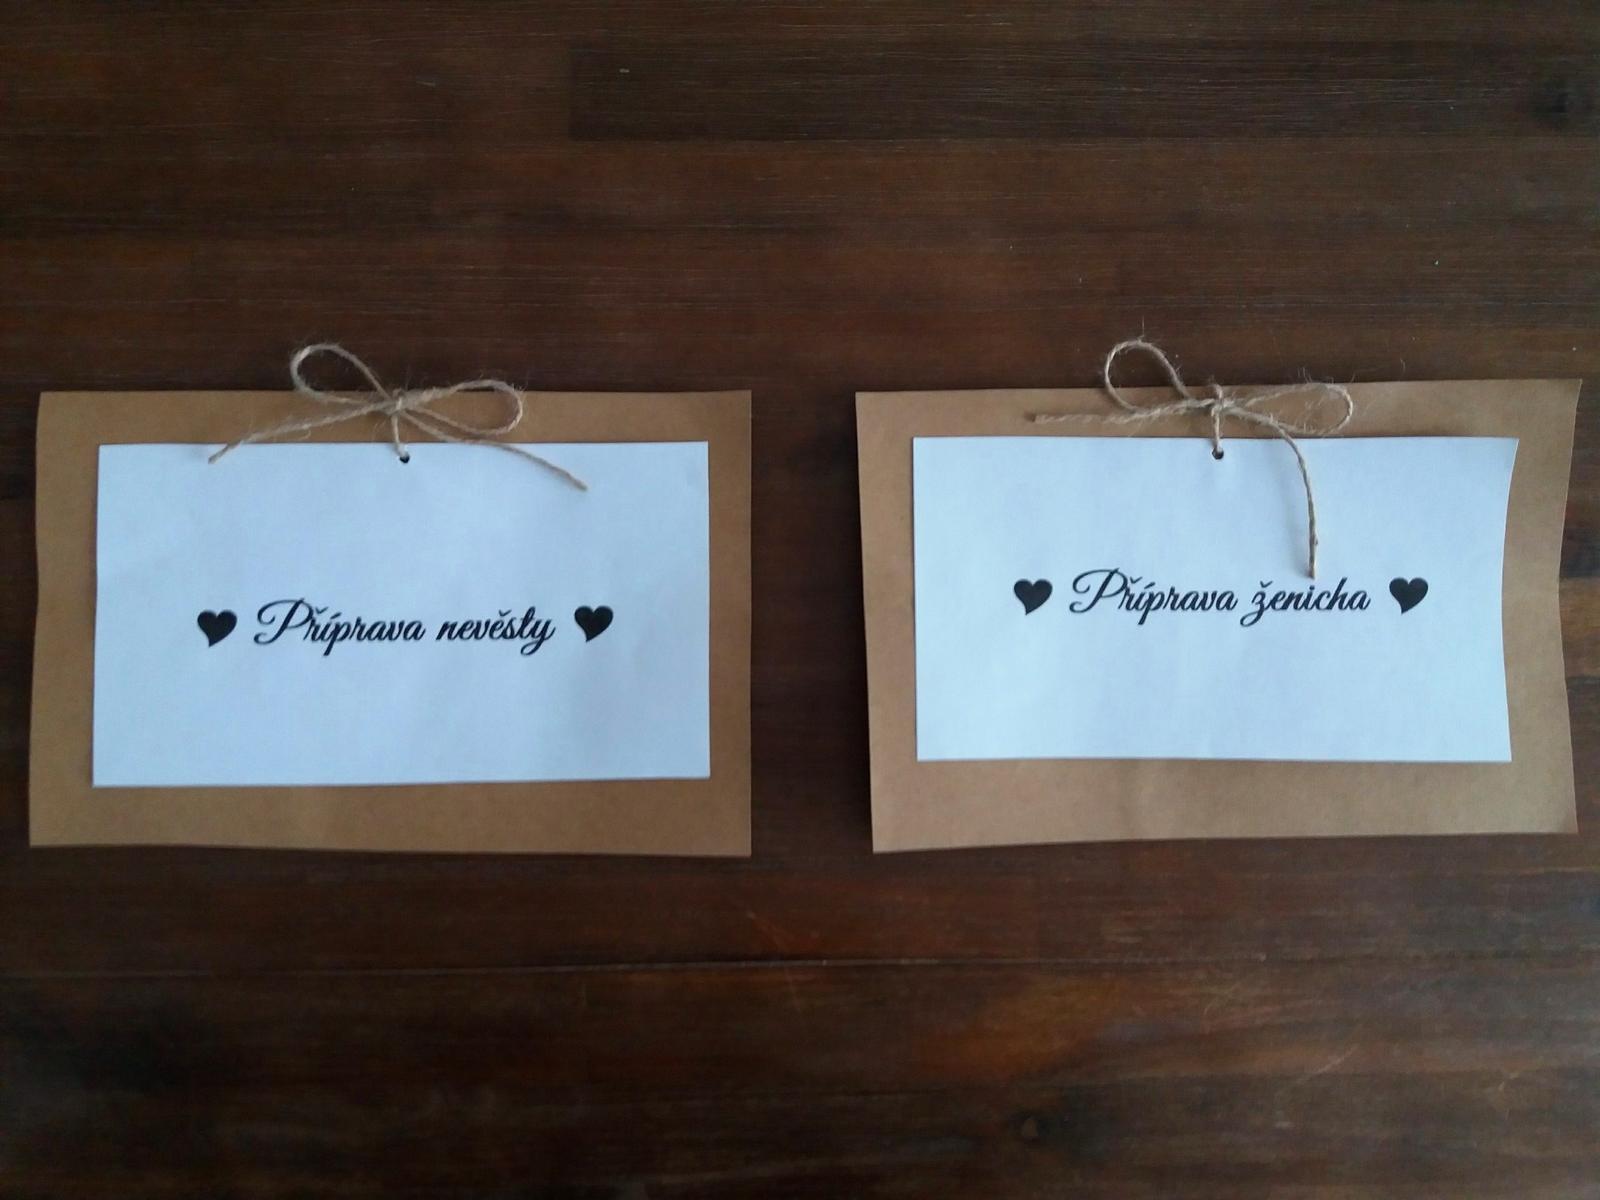 """Cedulka """"Příprava nevěsty"""" a """"Příprava ženicha"""". - Obrázek č. 3"""